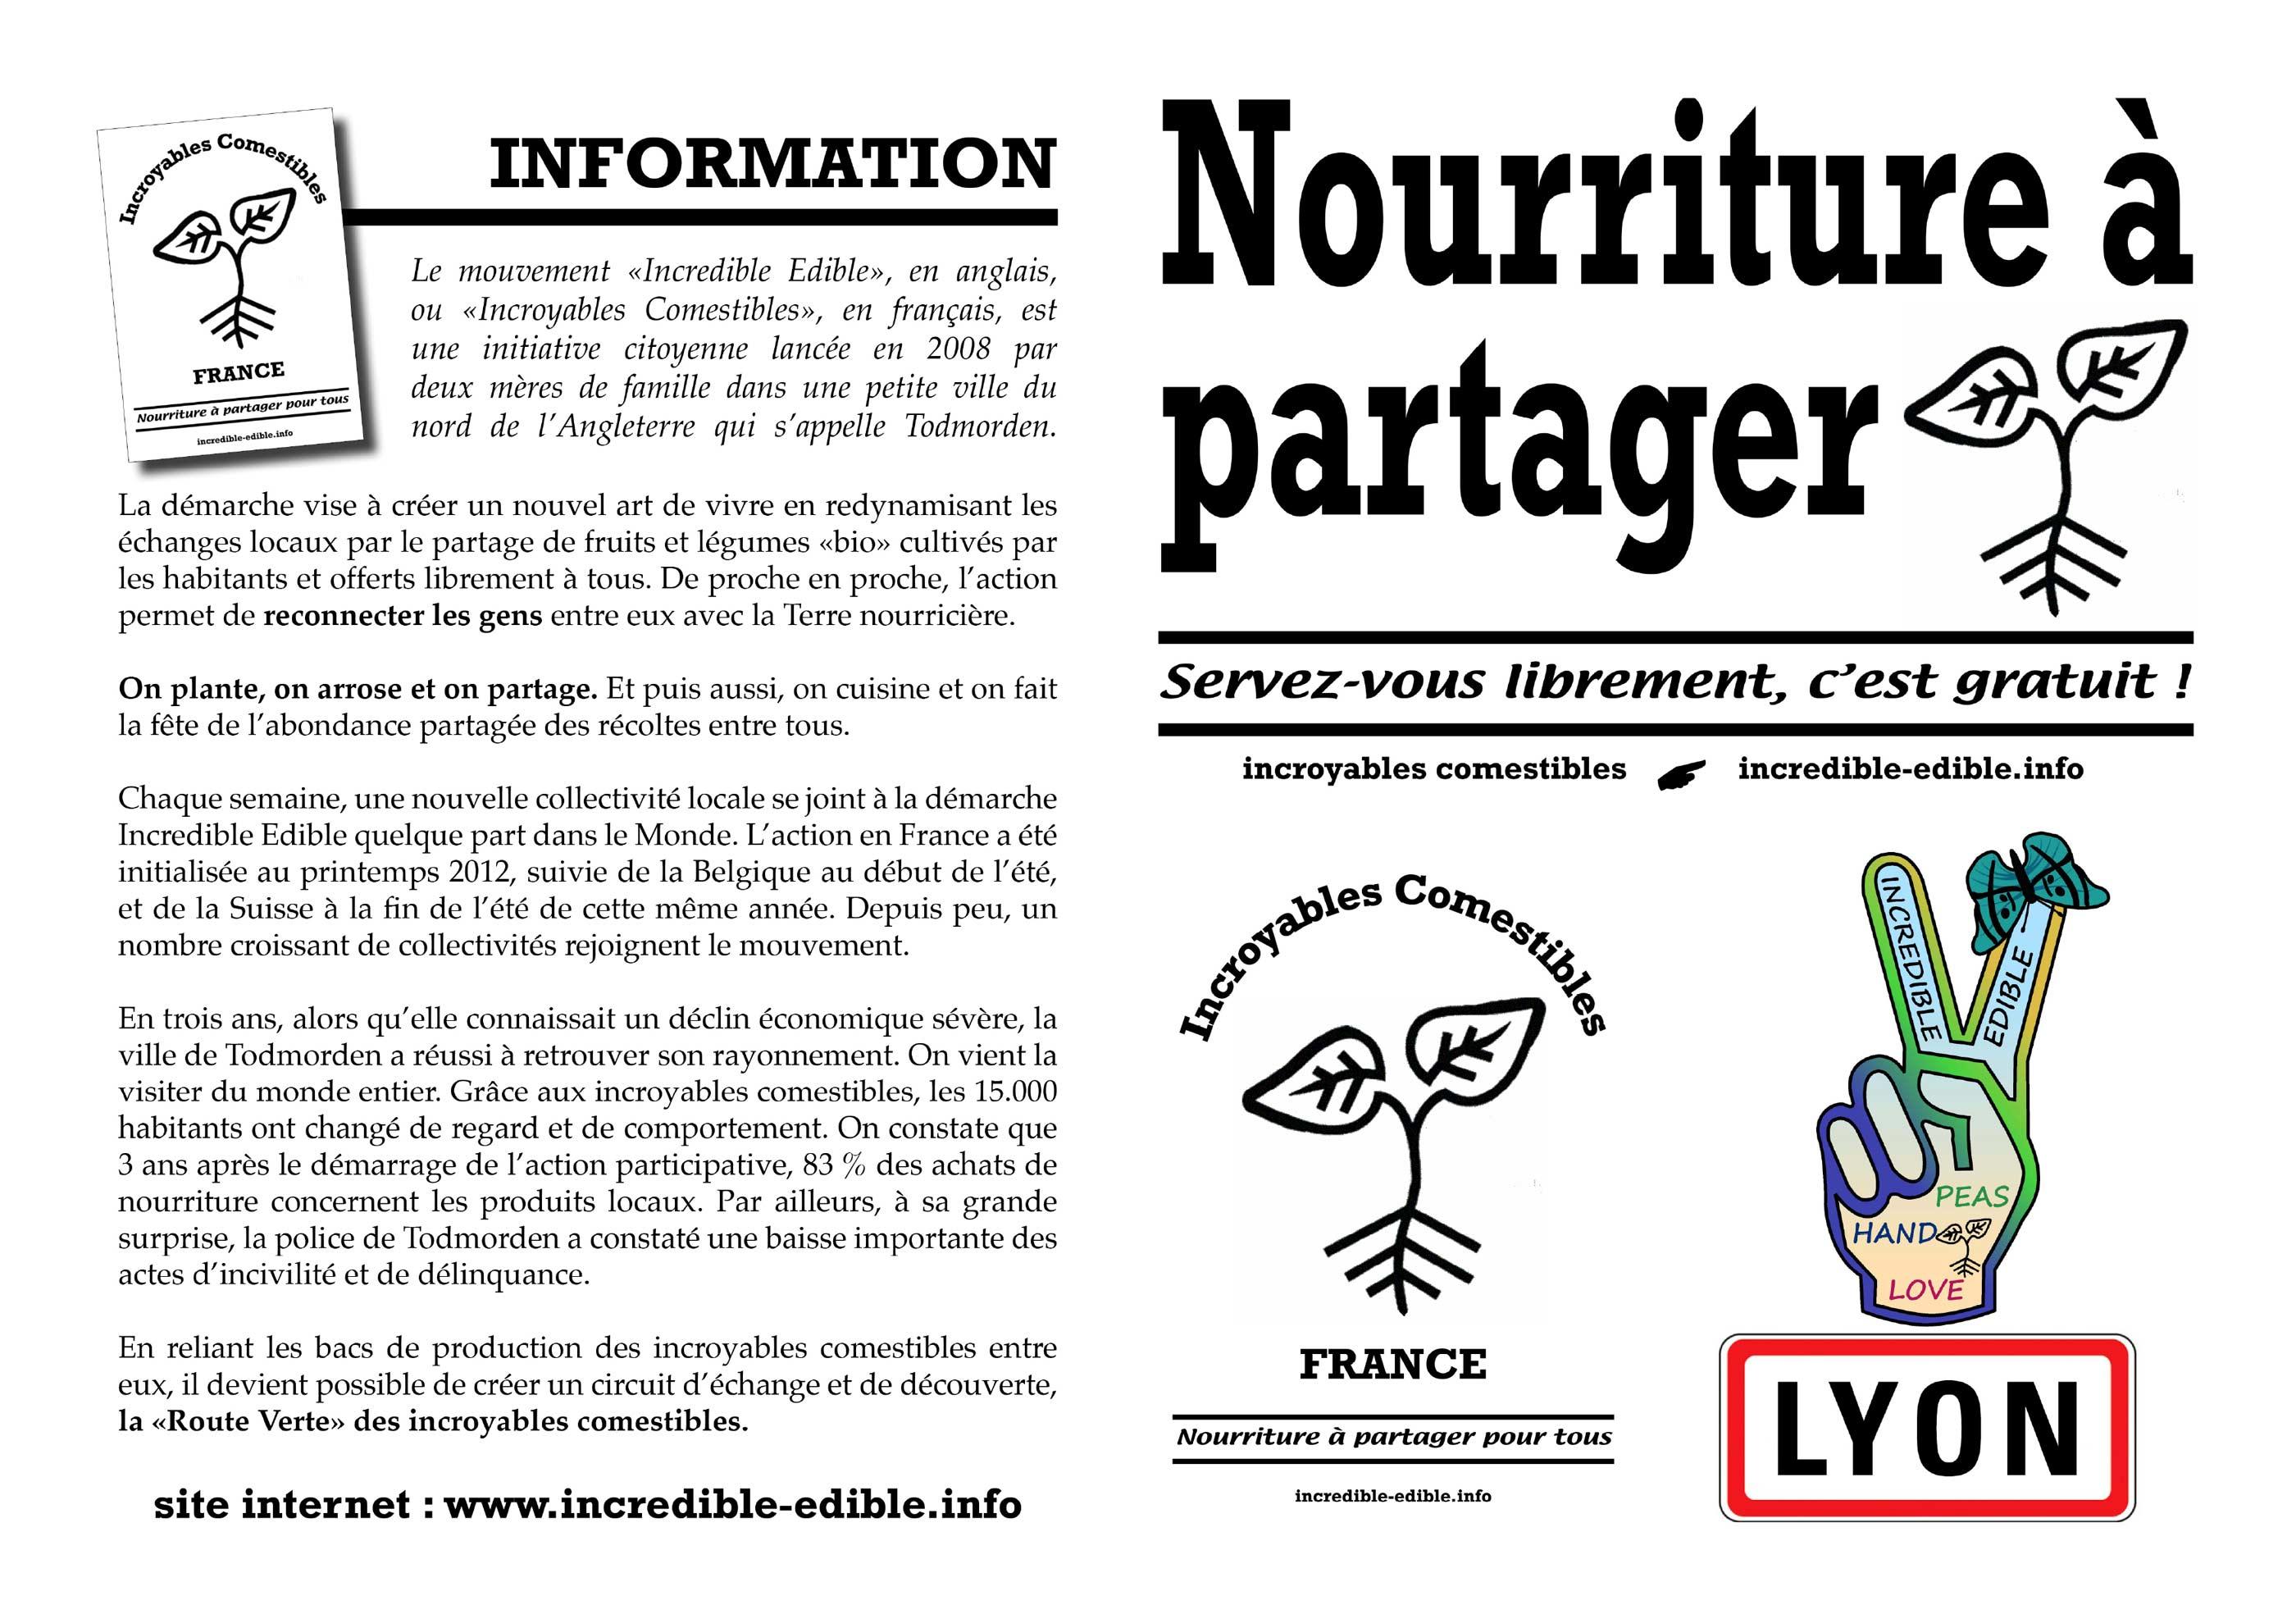 planche_multiple_nourriture_a_partager_lyon_w2800